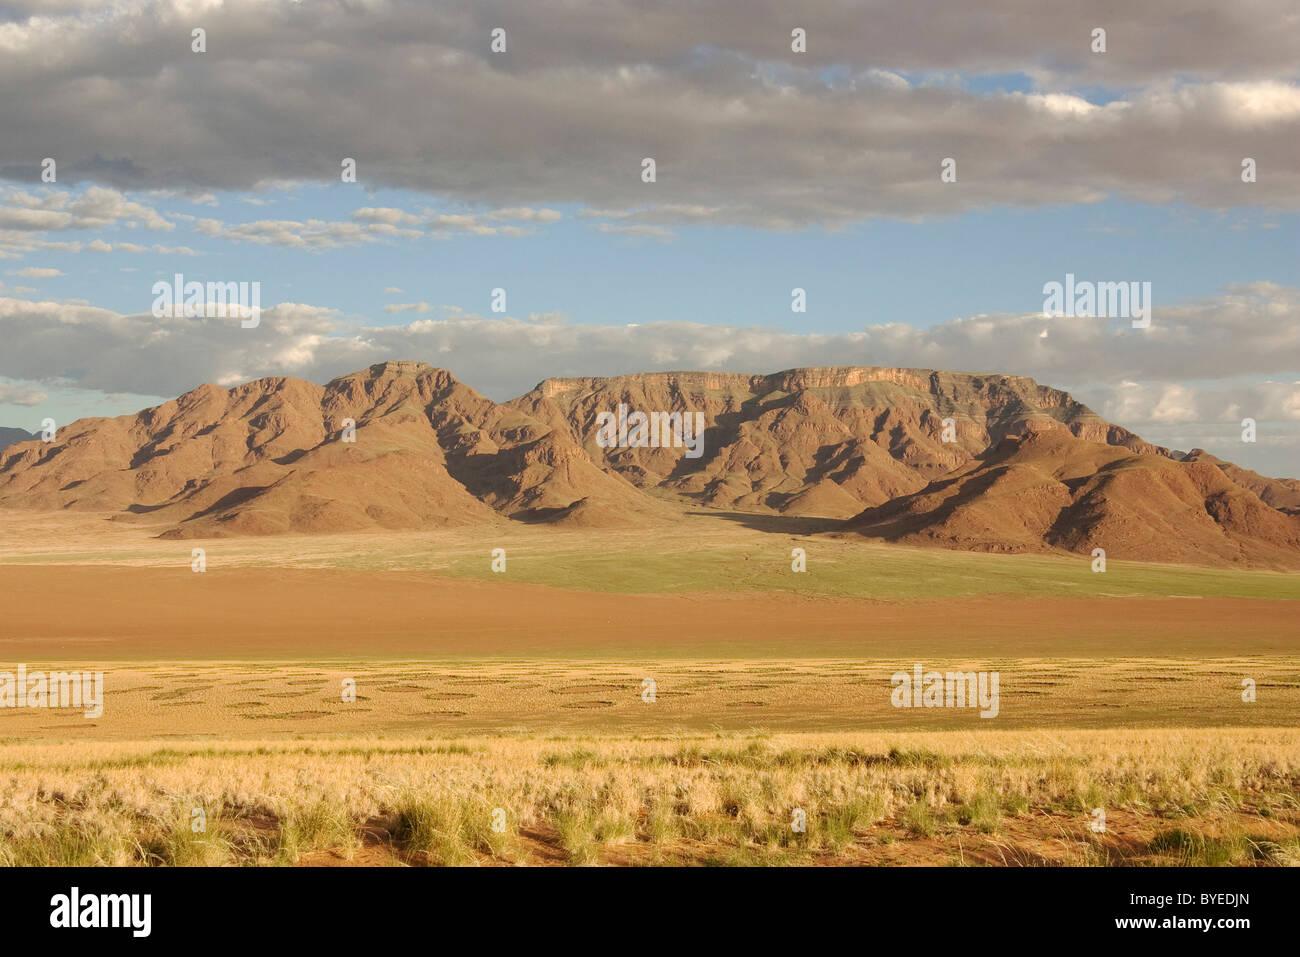 NamibRand Nature Reserve in der Regenzeit mit grüner Vegetation am Rande der Namib-Wüste Stockbild